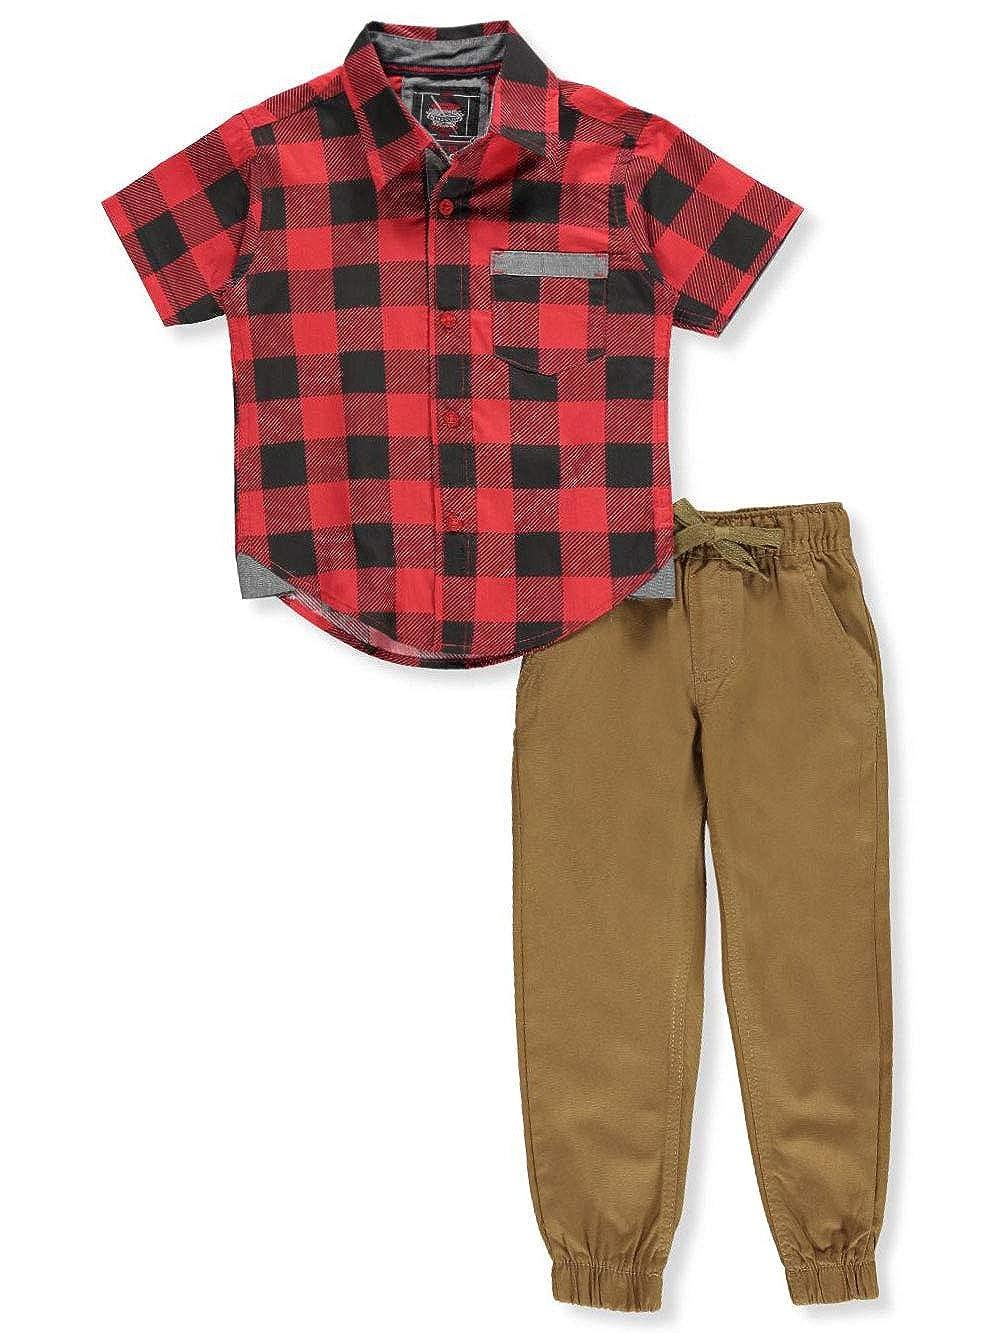 Retro Stitch Boys 2-Piece Pants Set Outfit